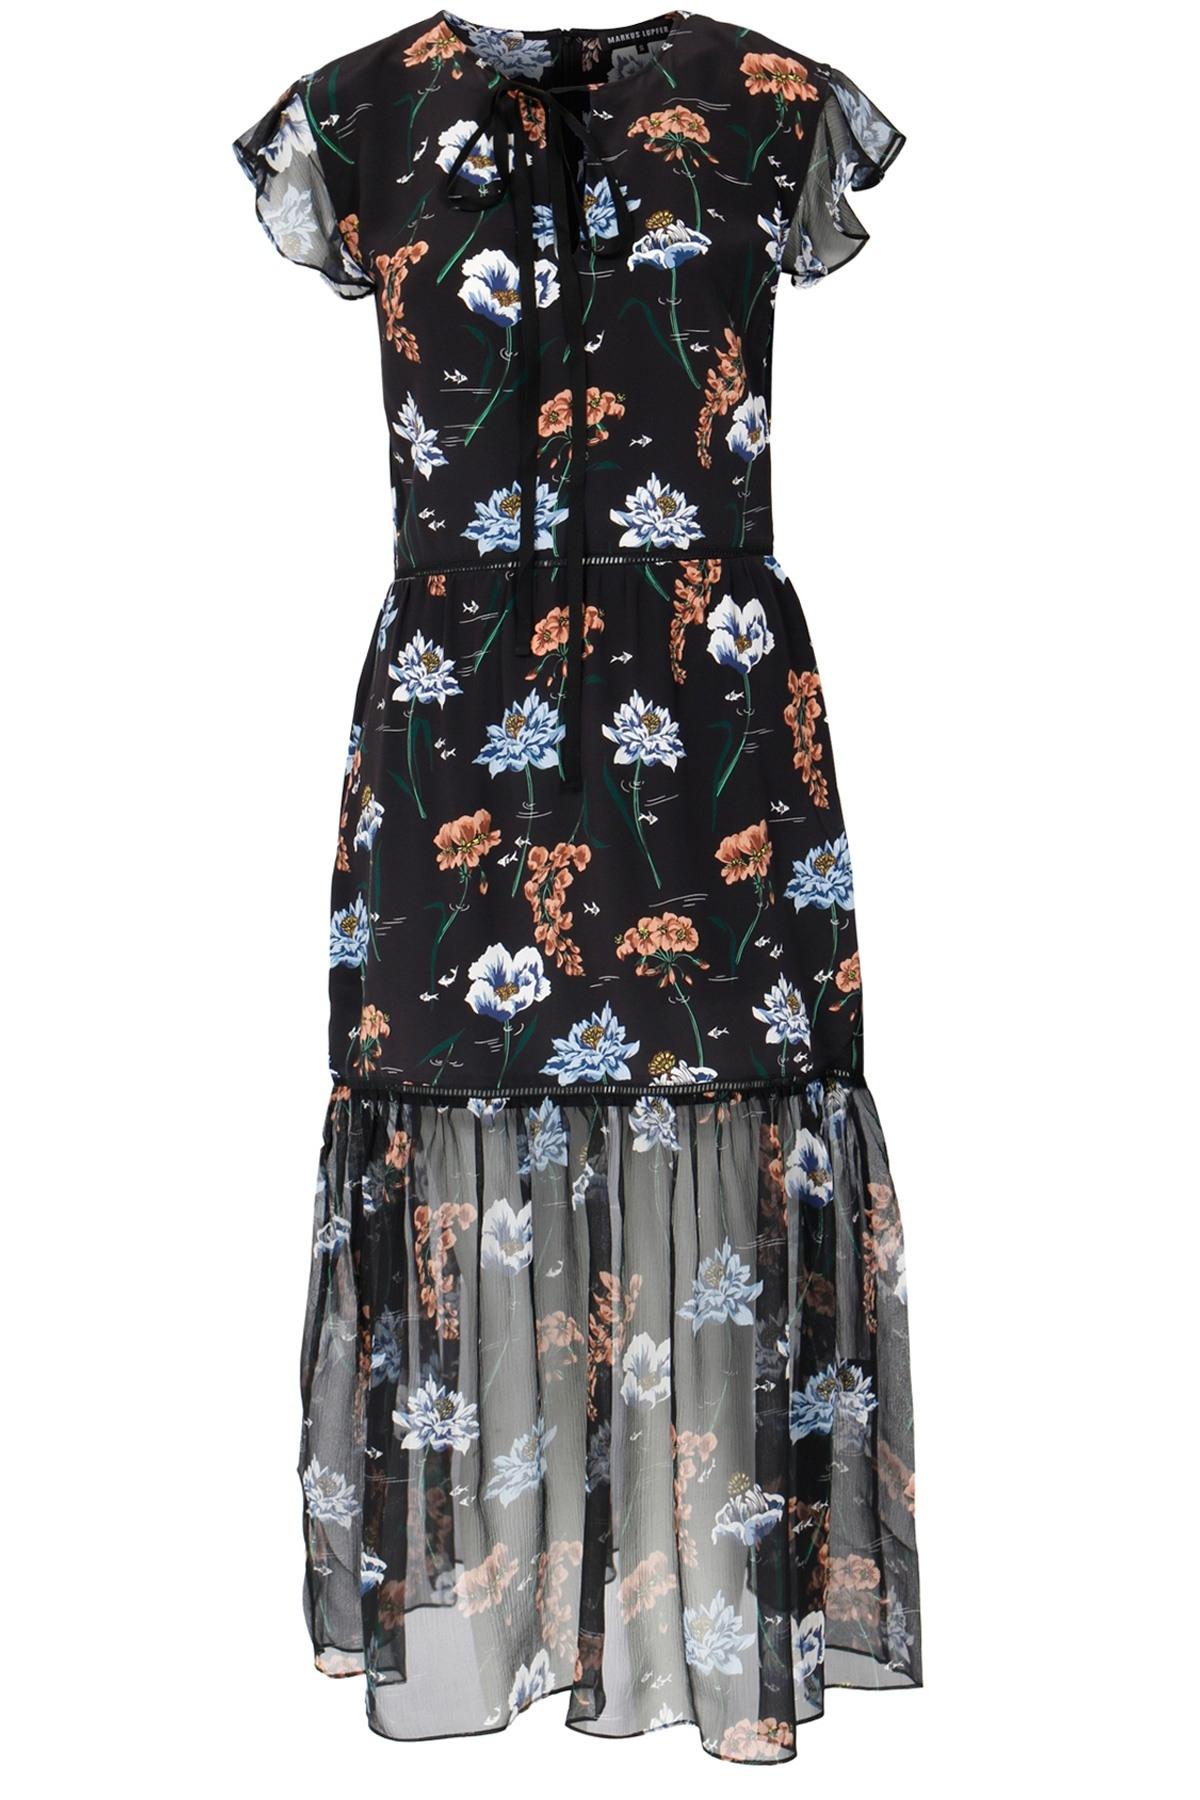 10 Erstaunlich Kleid Schwarz Blumen für 201913 Erstaunlich Kleid Schwarz Blumen Stylish